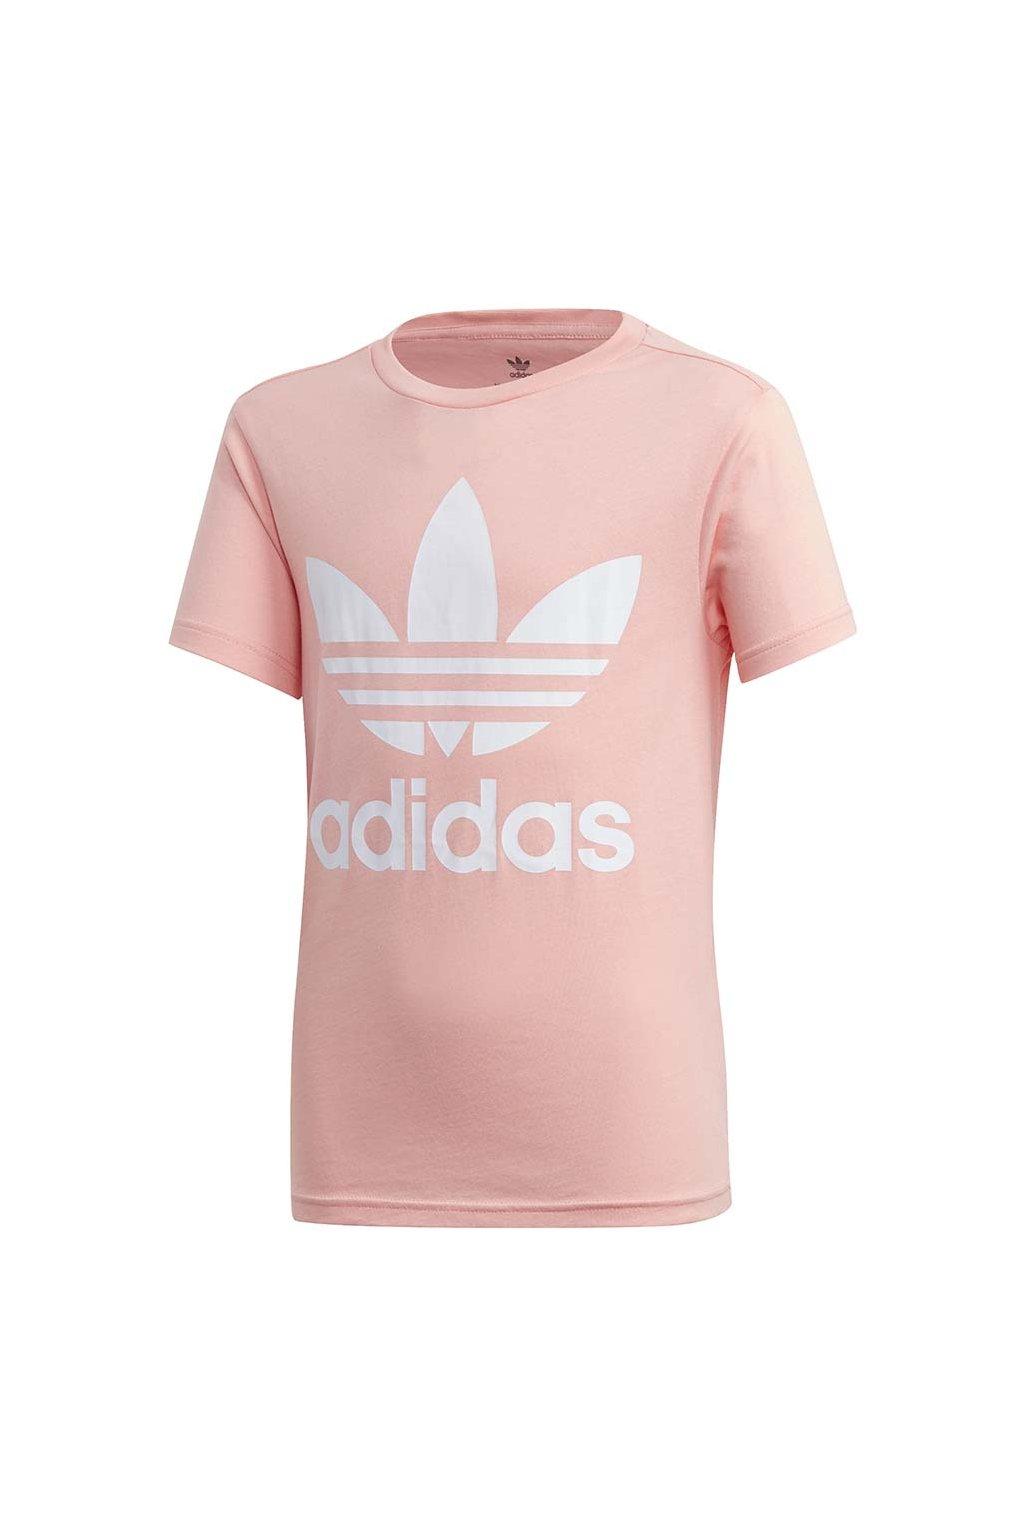 Detské tričko adidas Trefoil Tee ružové FM5661